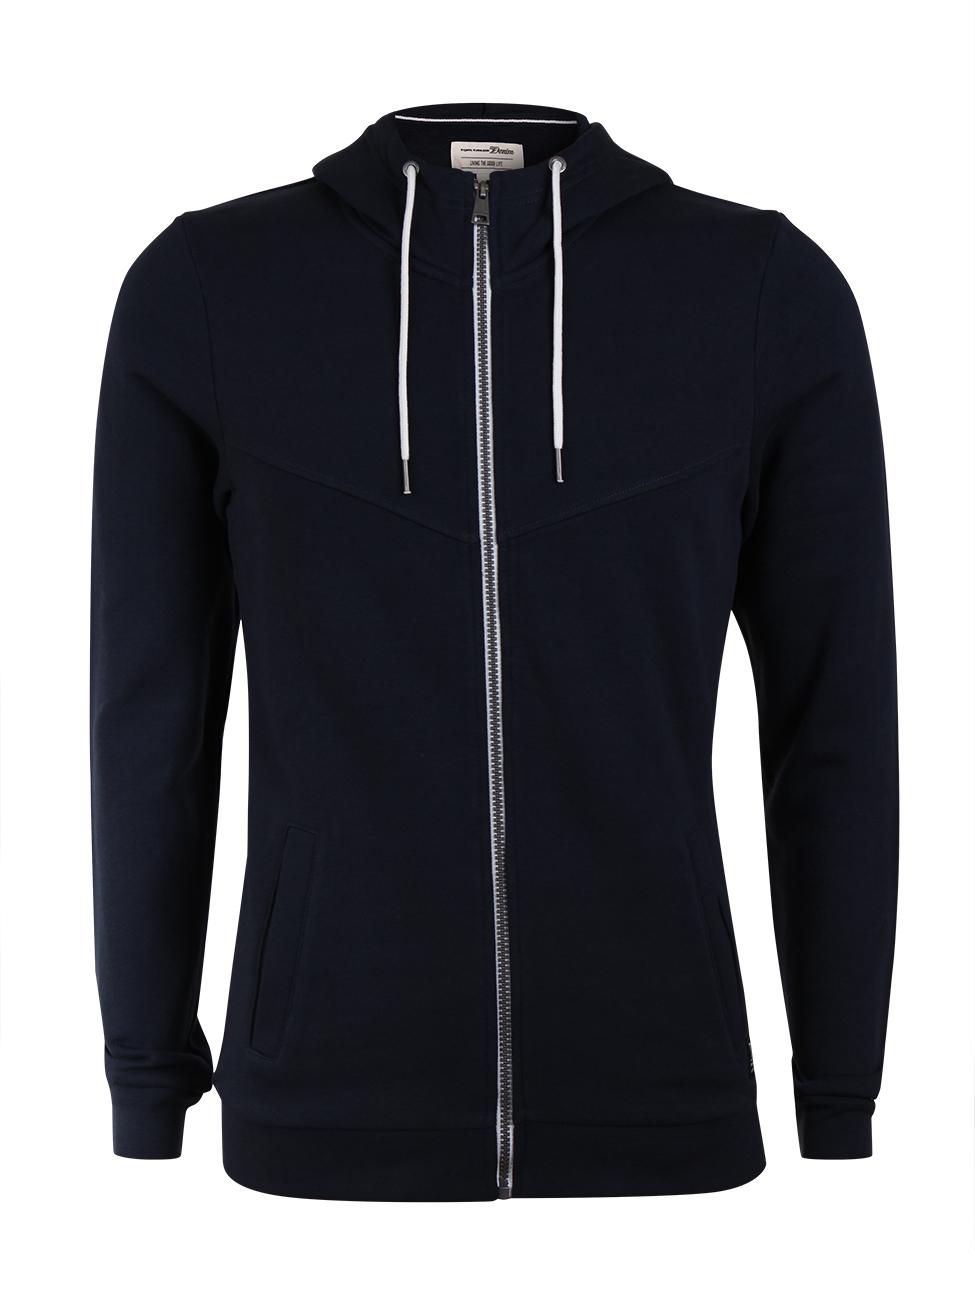 Tom Tailor Denim Herren Kapuzensweater Hoodyjacket in Übergröße